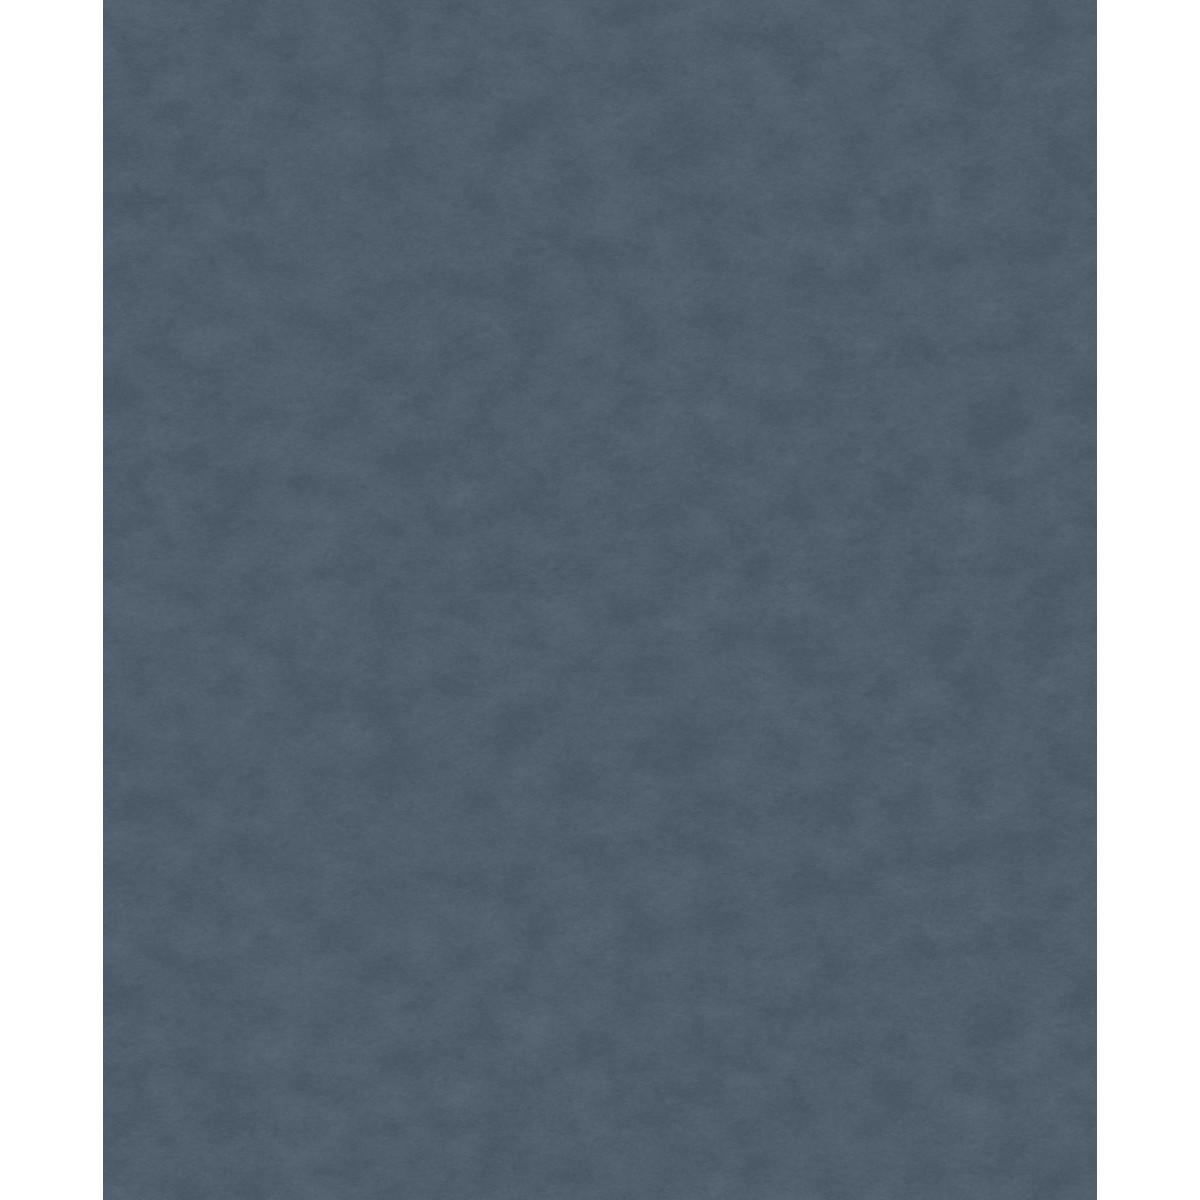 Обои флизелиновые Decoprint Escala синие 0.53 м ES18007